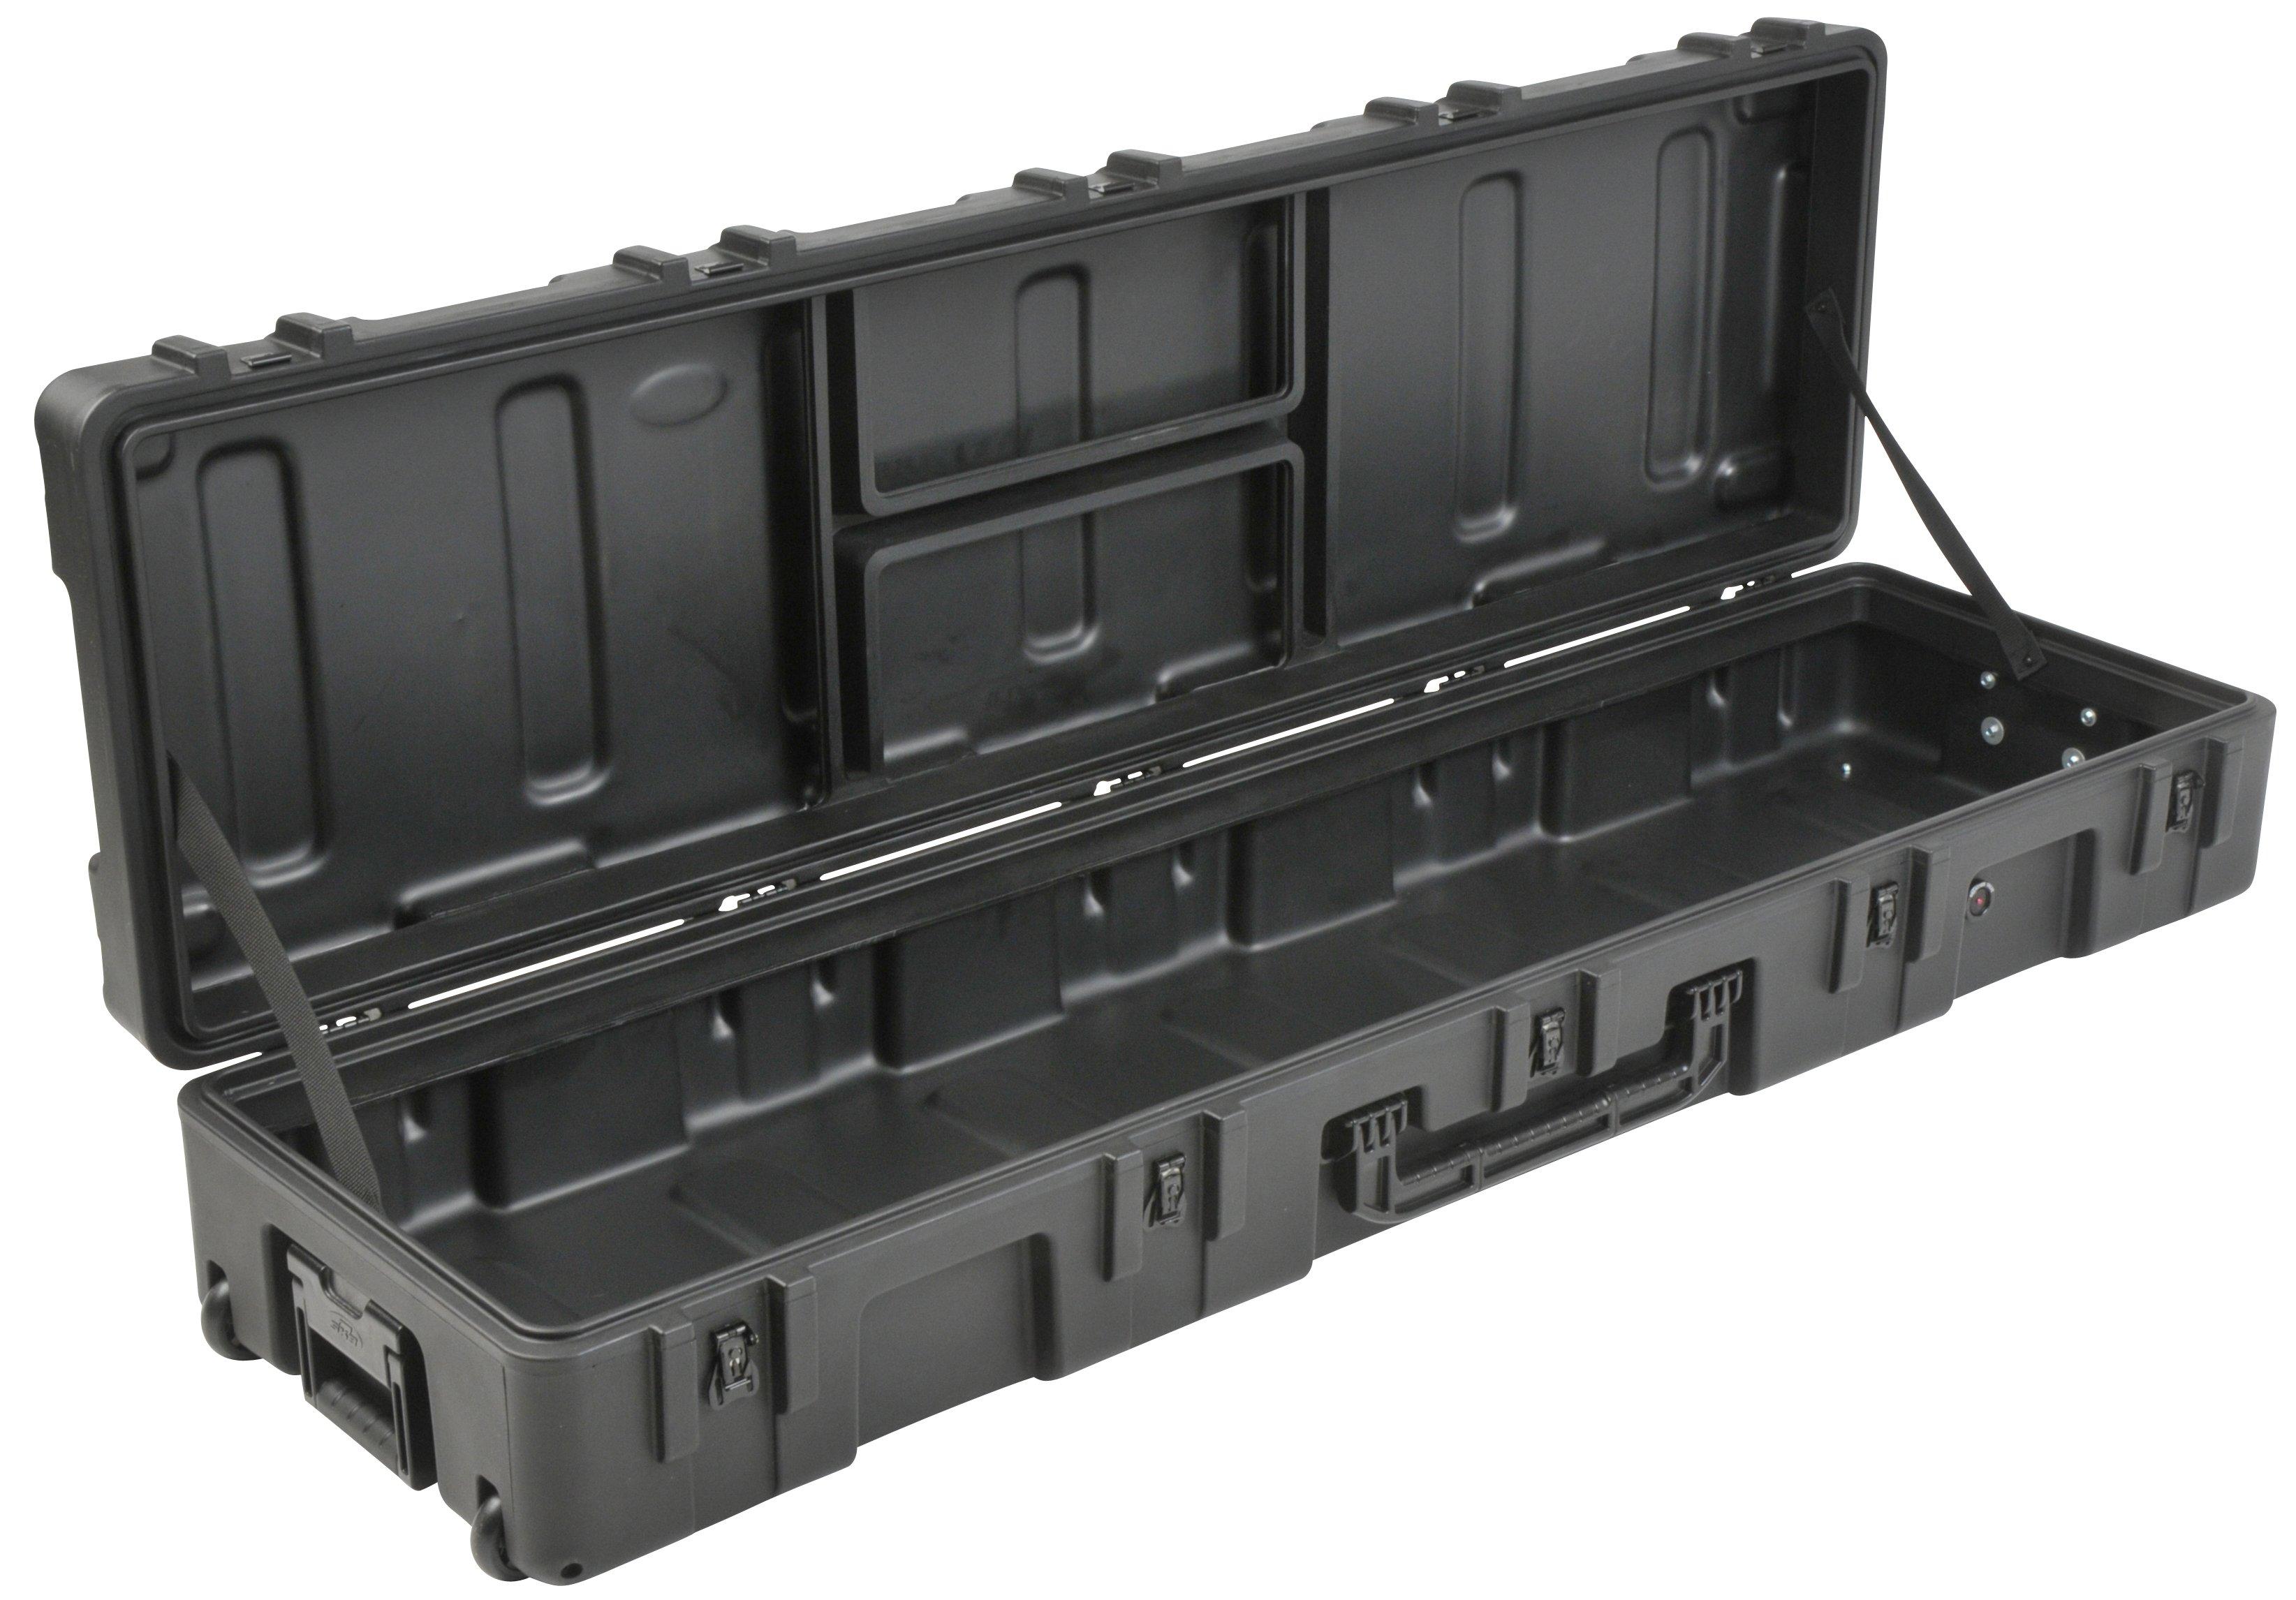 SKB 3R6416-8 Case